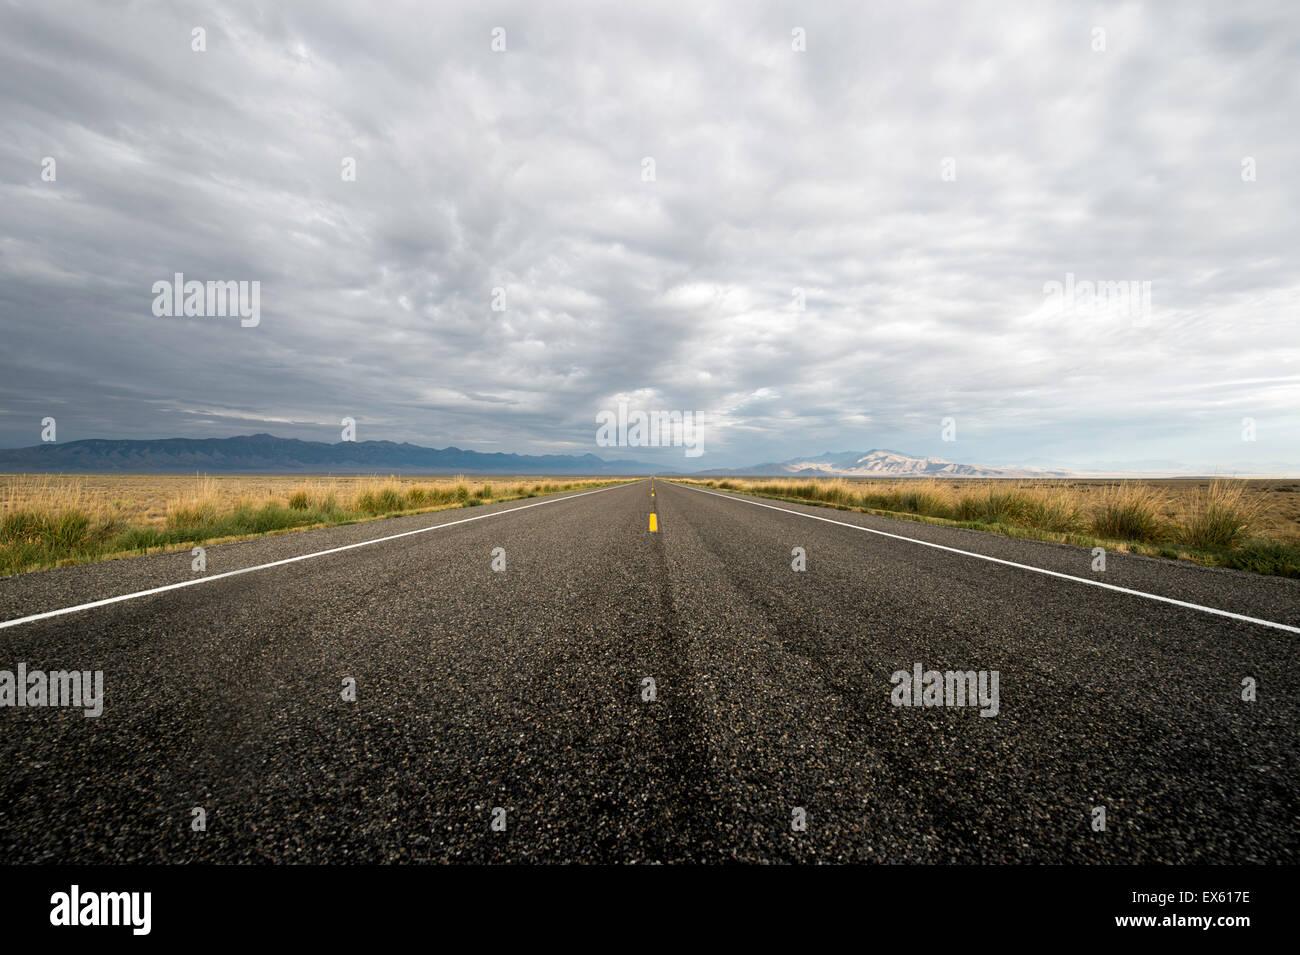 Vacío abrir camino con cielo nublado fotografiado desde un ángulo bajo con un gran angular Foto de stock